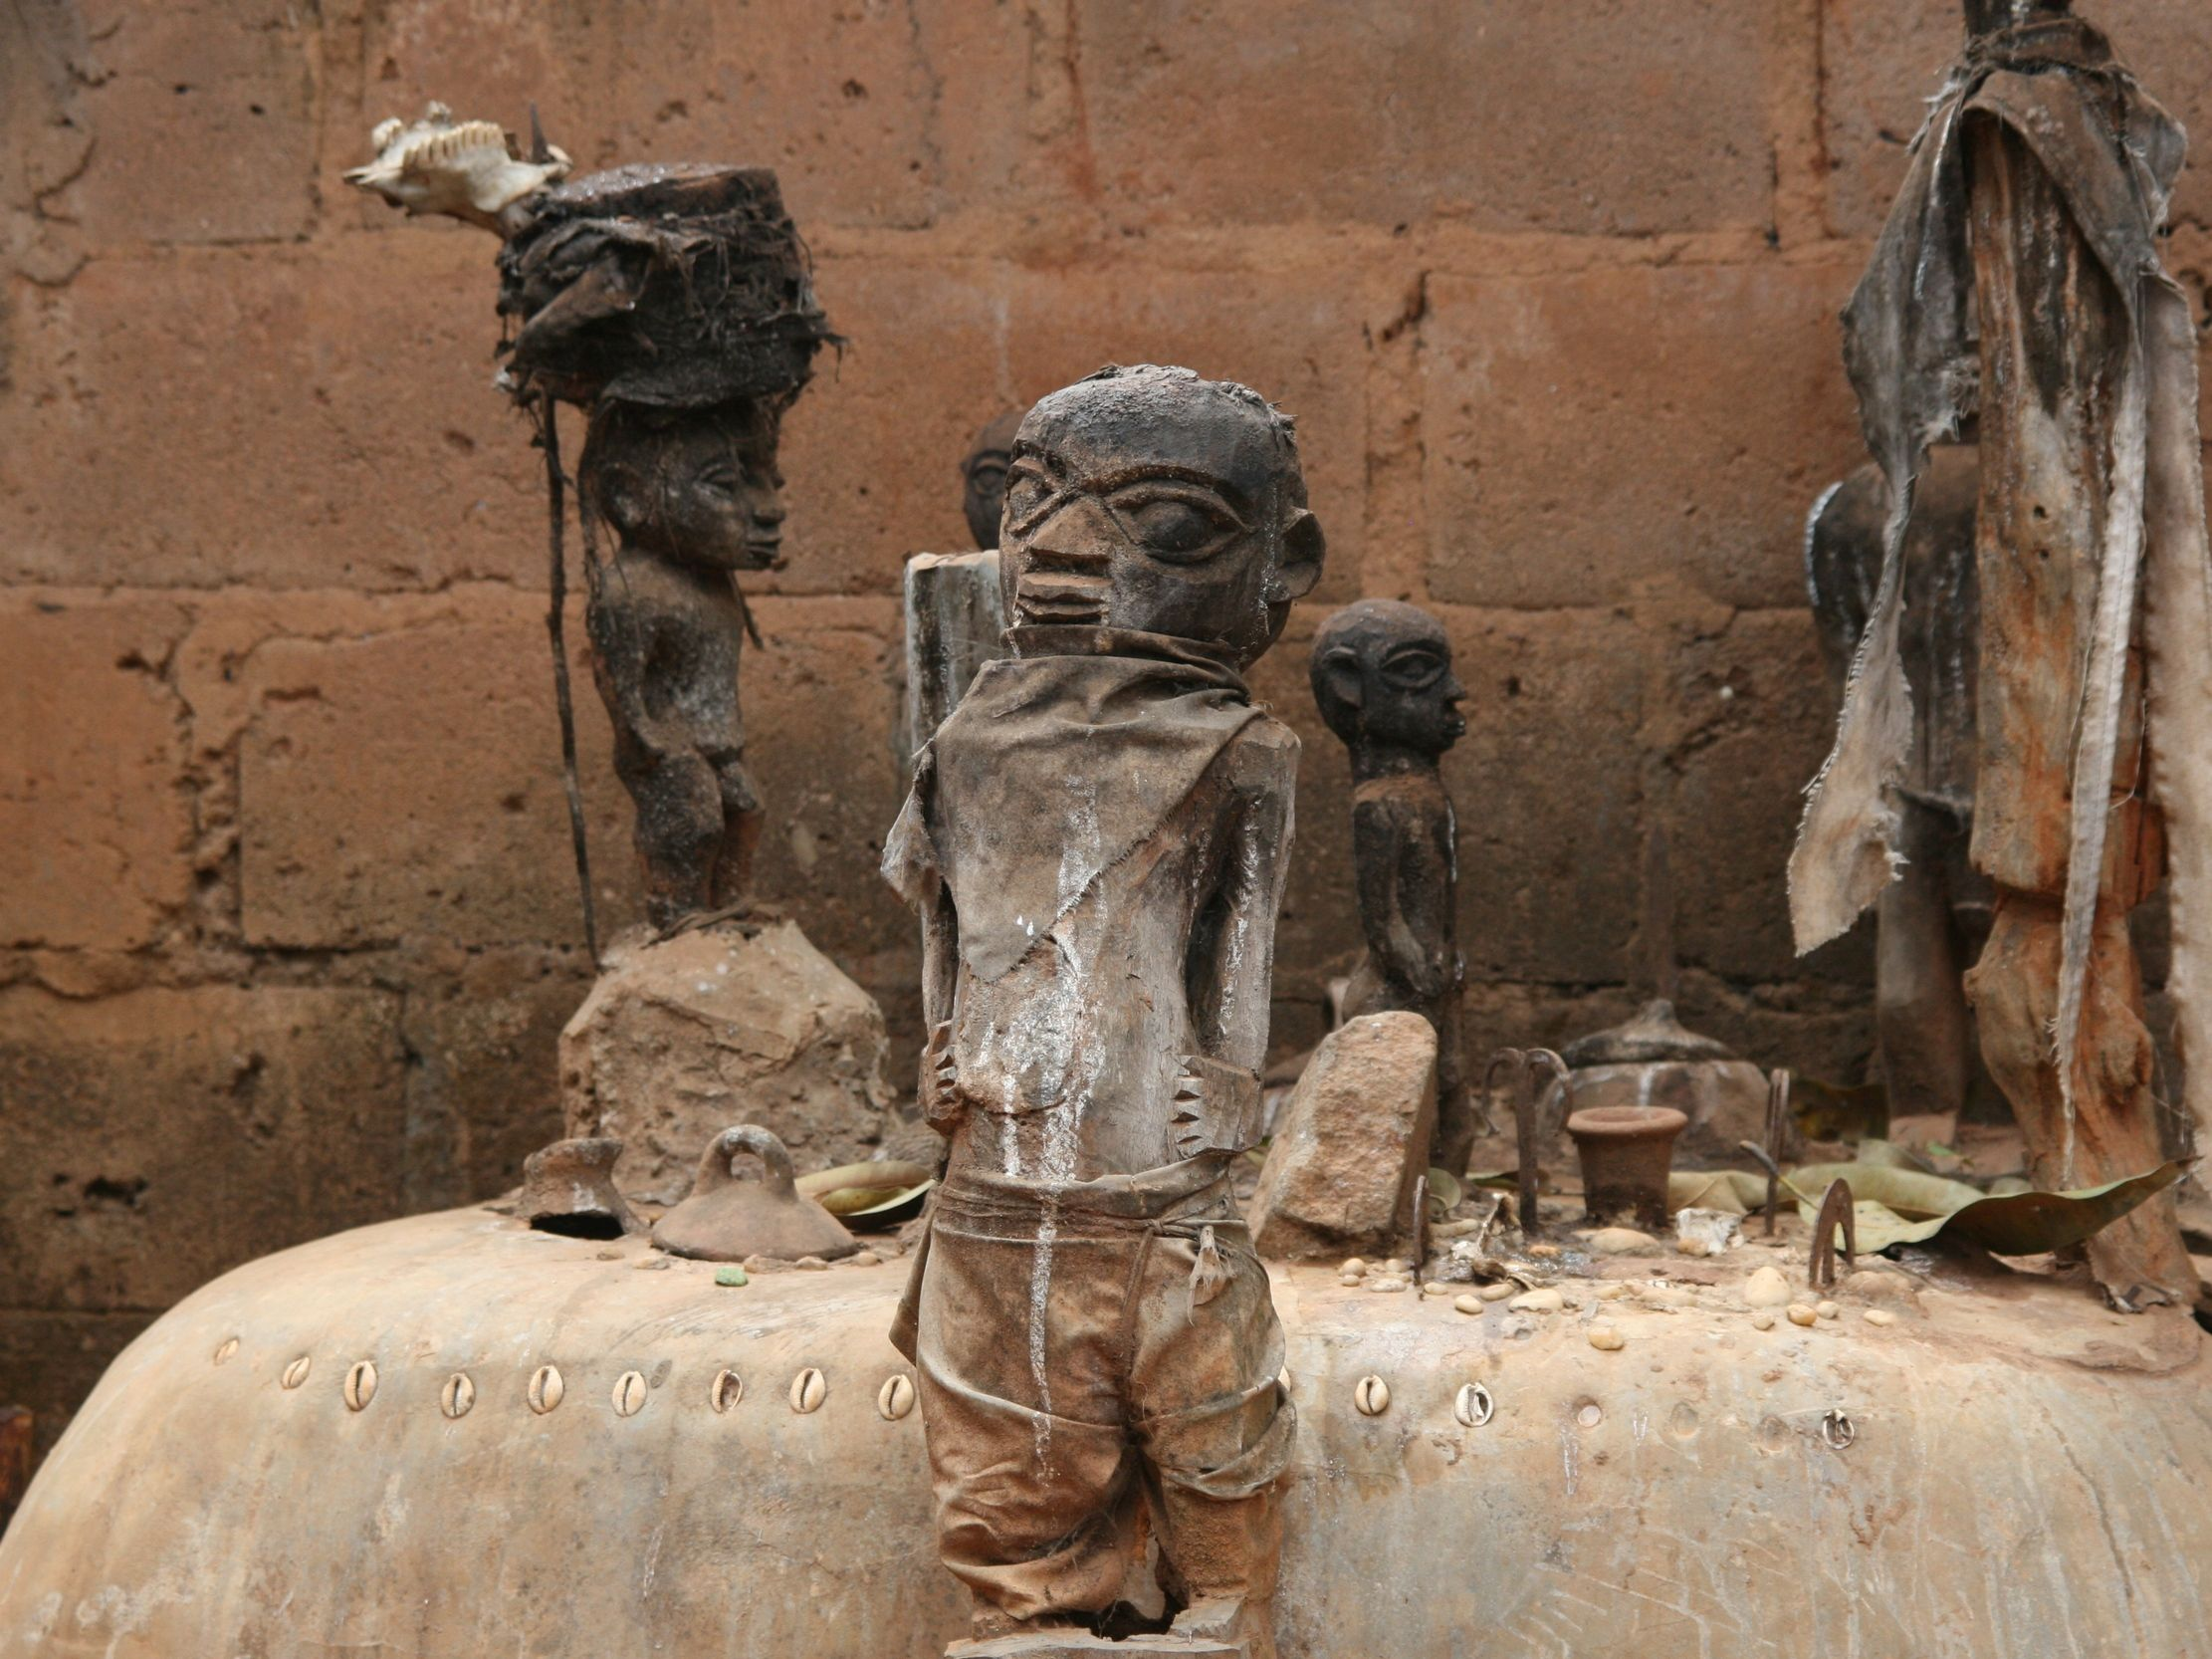 Beniński ołtarz wodu. Być może to z tego afrykańskiego kraju pochodzą zombie (fot. Dominik Schwarz, lic. CC BY-SA 3.0).